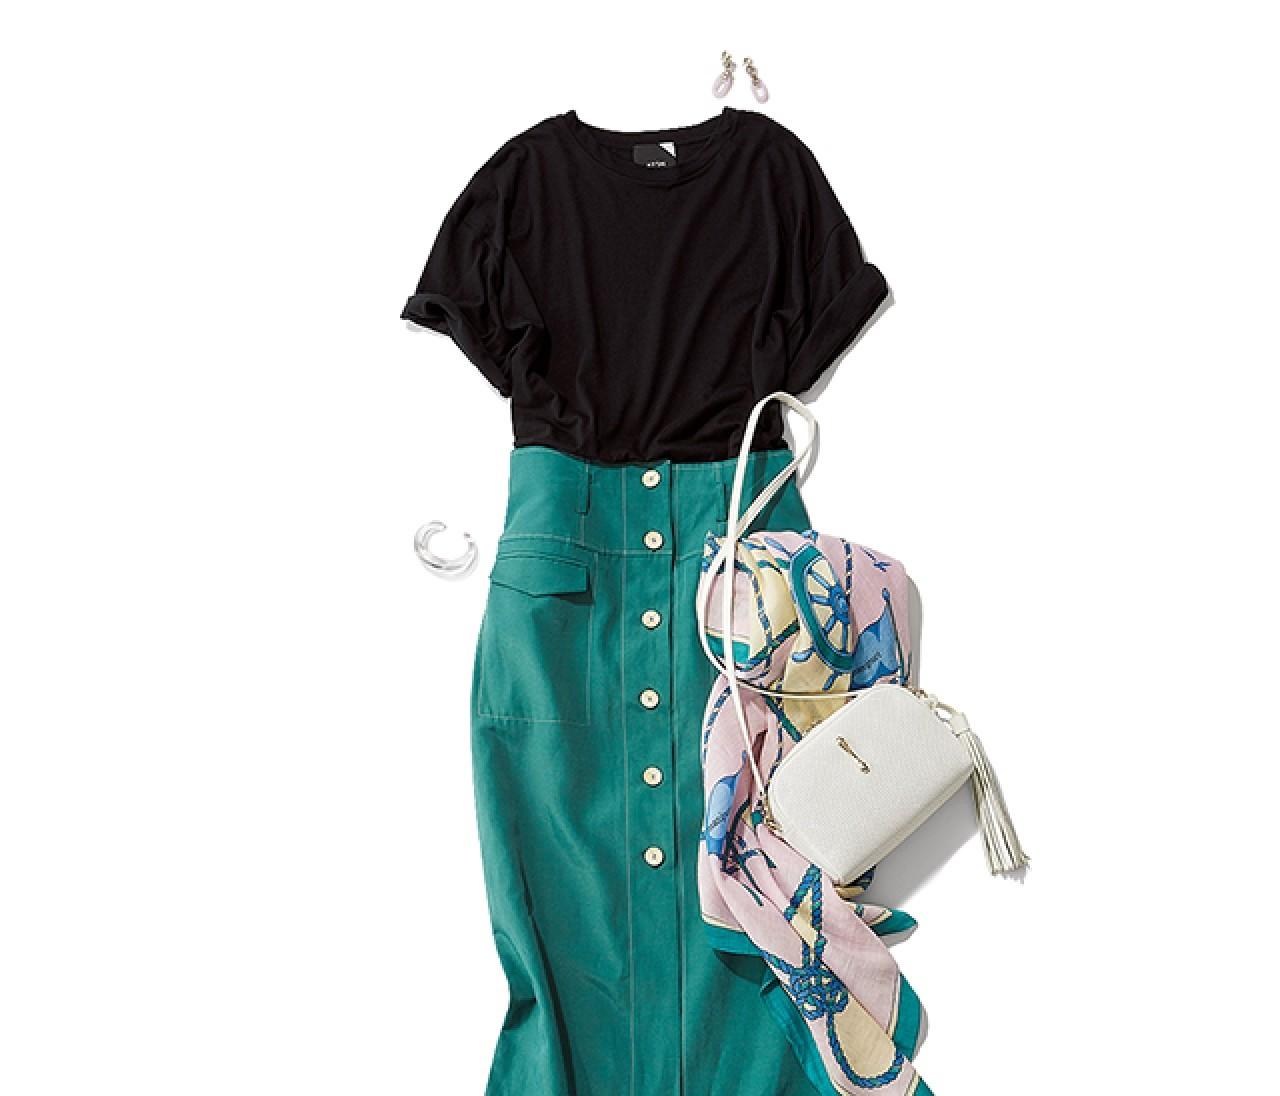 休日出勤する日は、動ける好感度Tシャツスタイルが気分!【2019/6/29のコーデ】